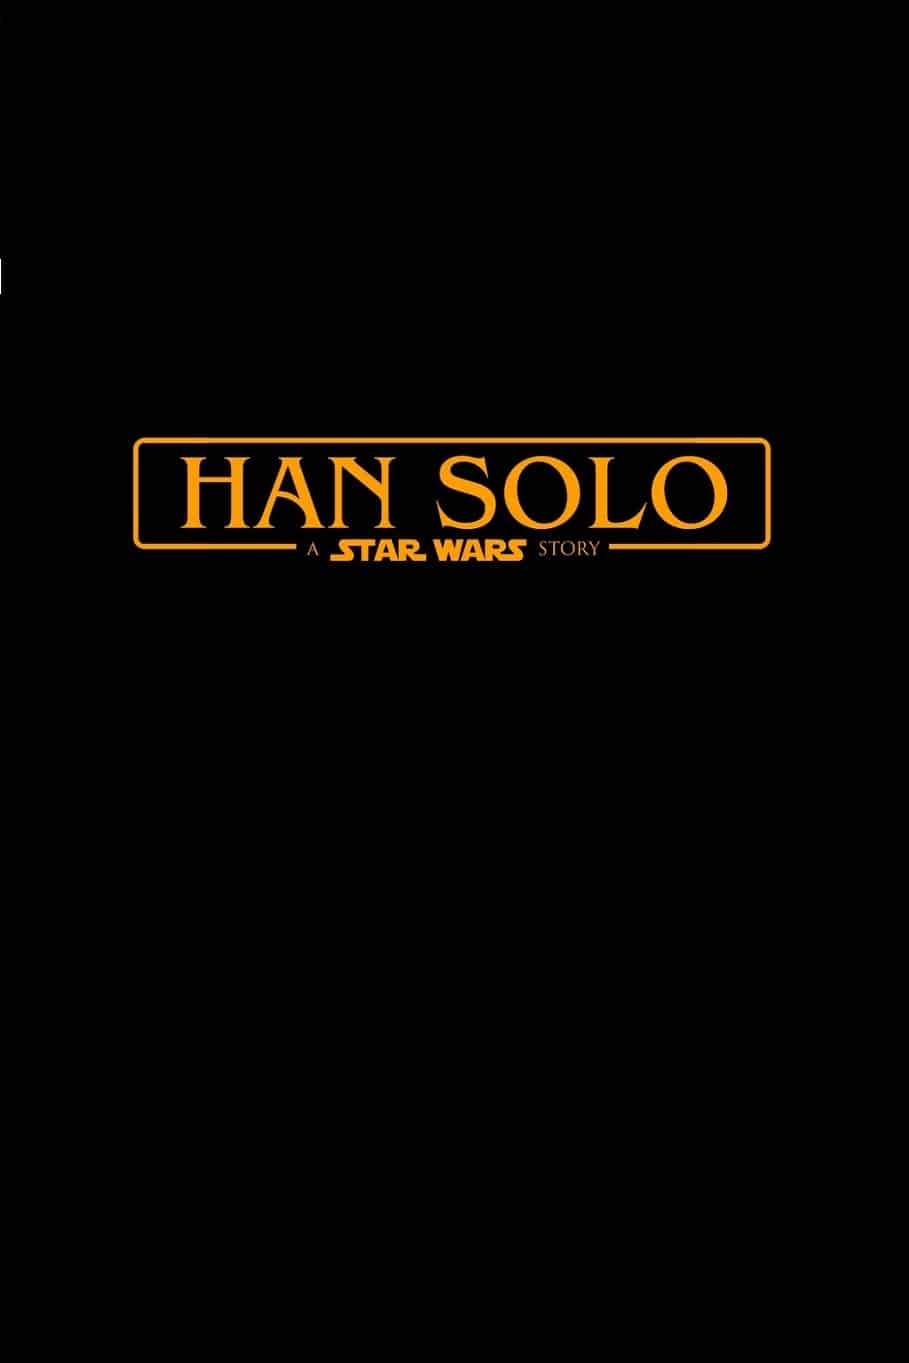 Película de 'Han Solo' (Star Wars)